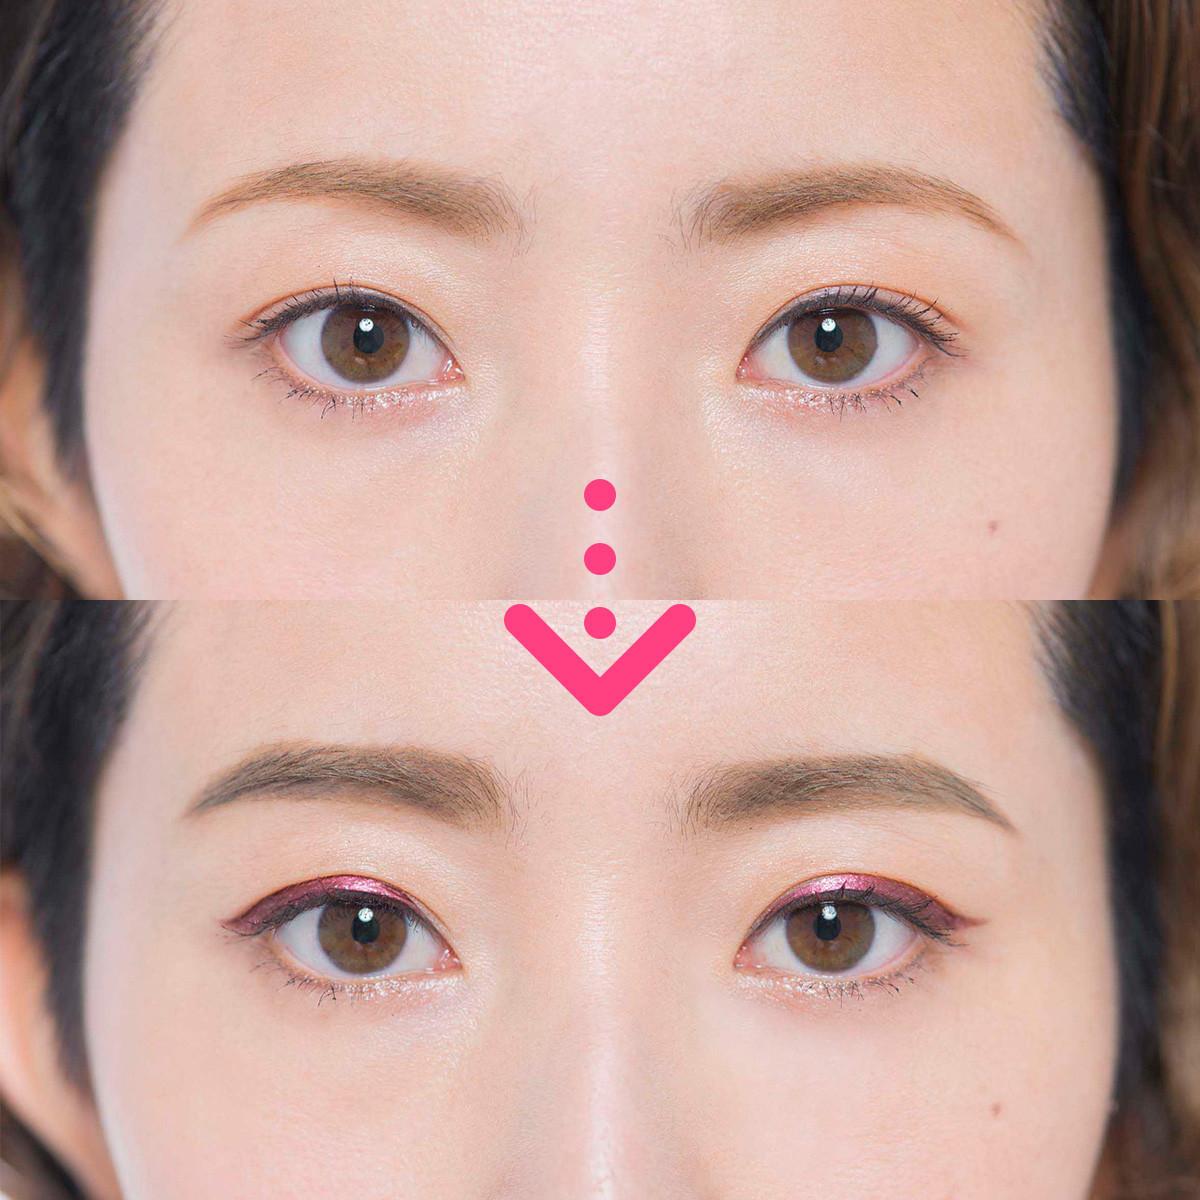 【トレンド眉メイク】地眉がかなり細い場合の今どき顔メイクテク2